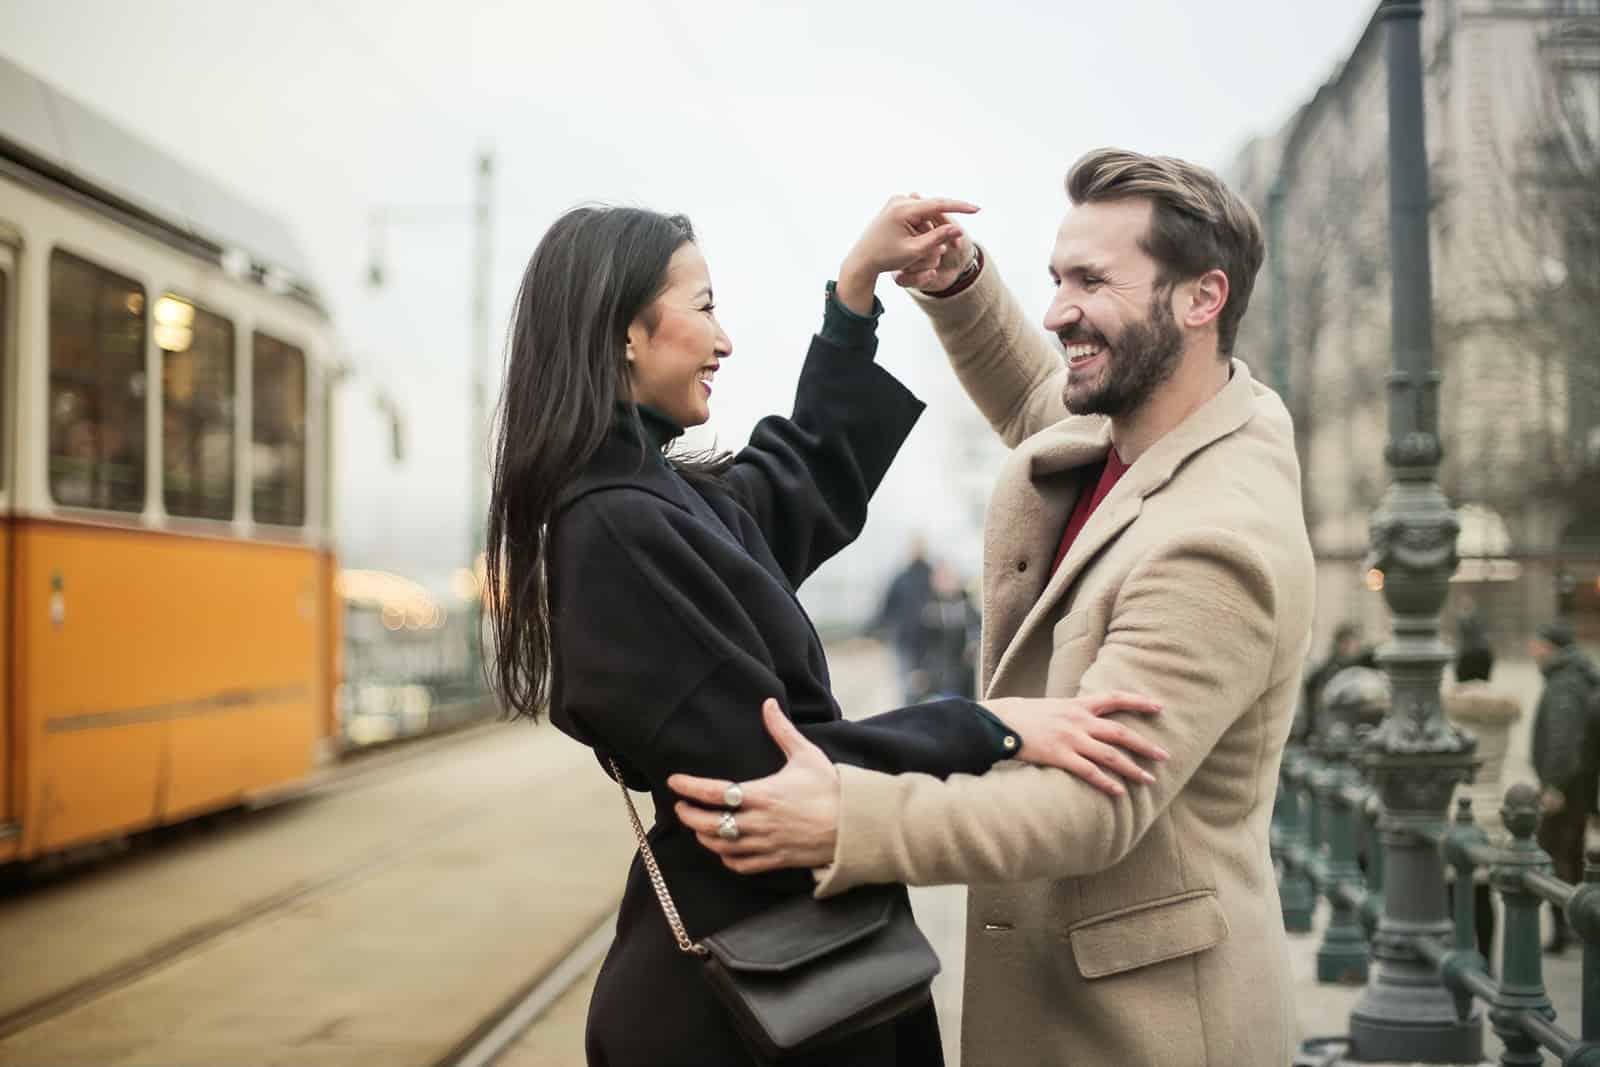 Ein liebevolles Paar tanzt tagsüber auf der Straße